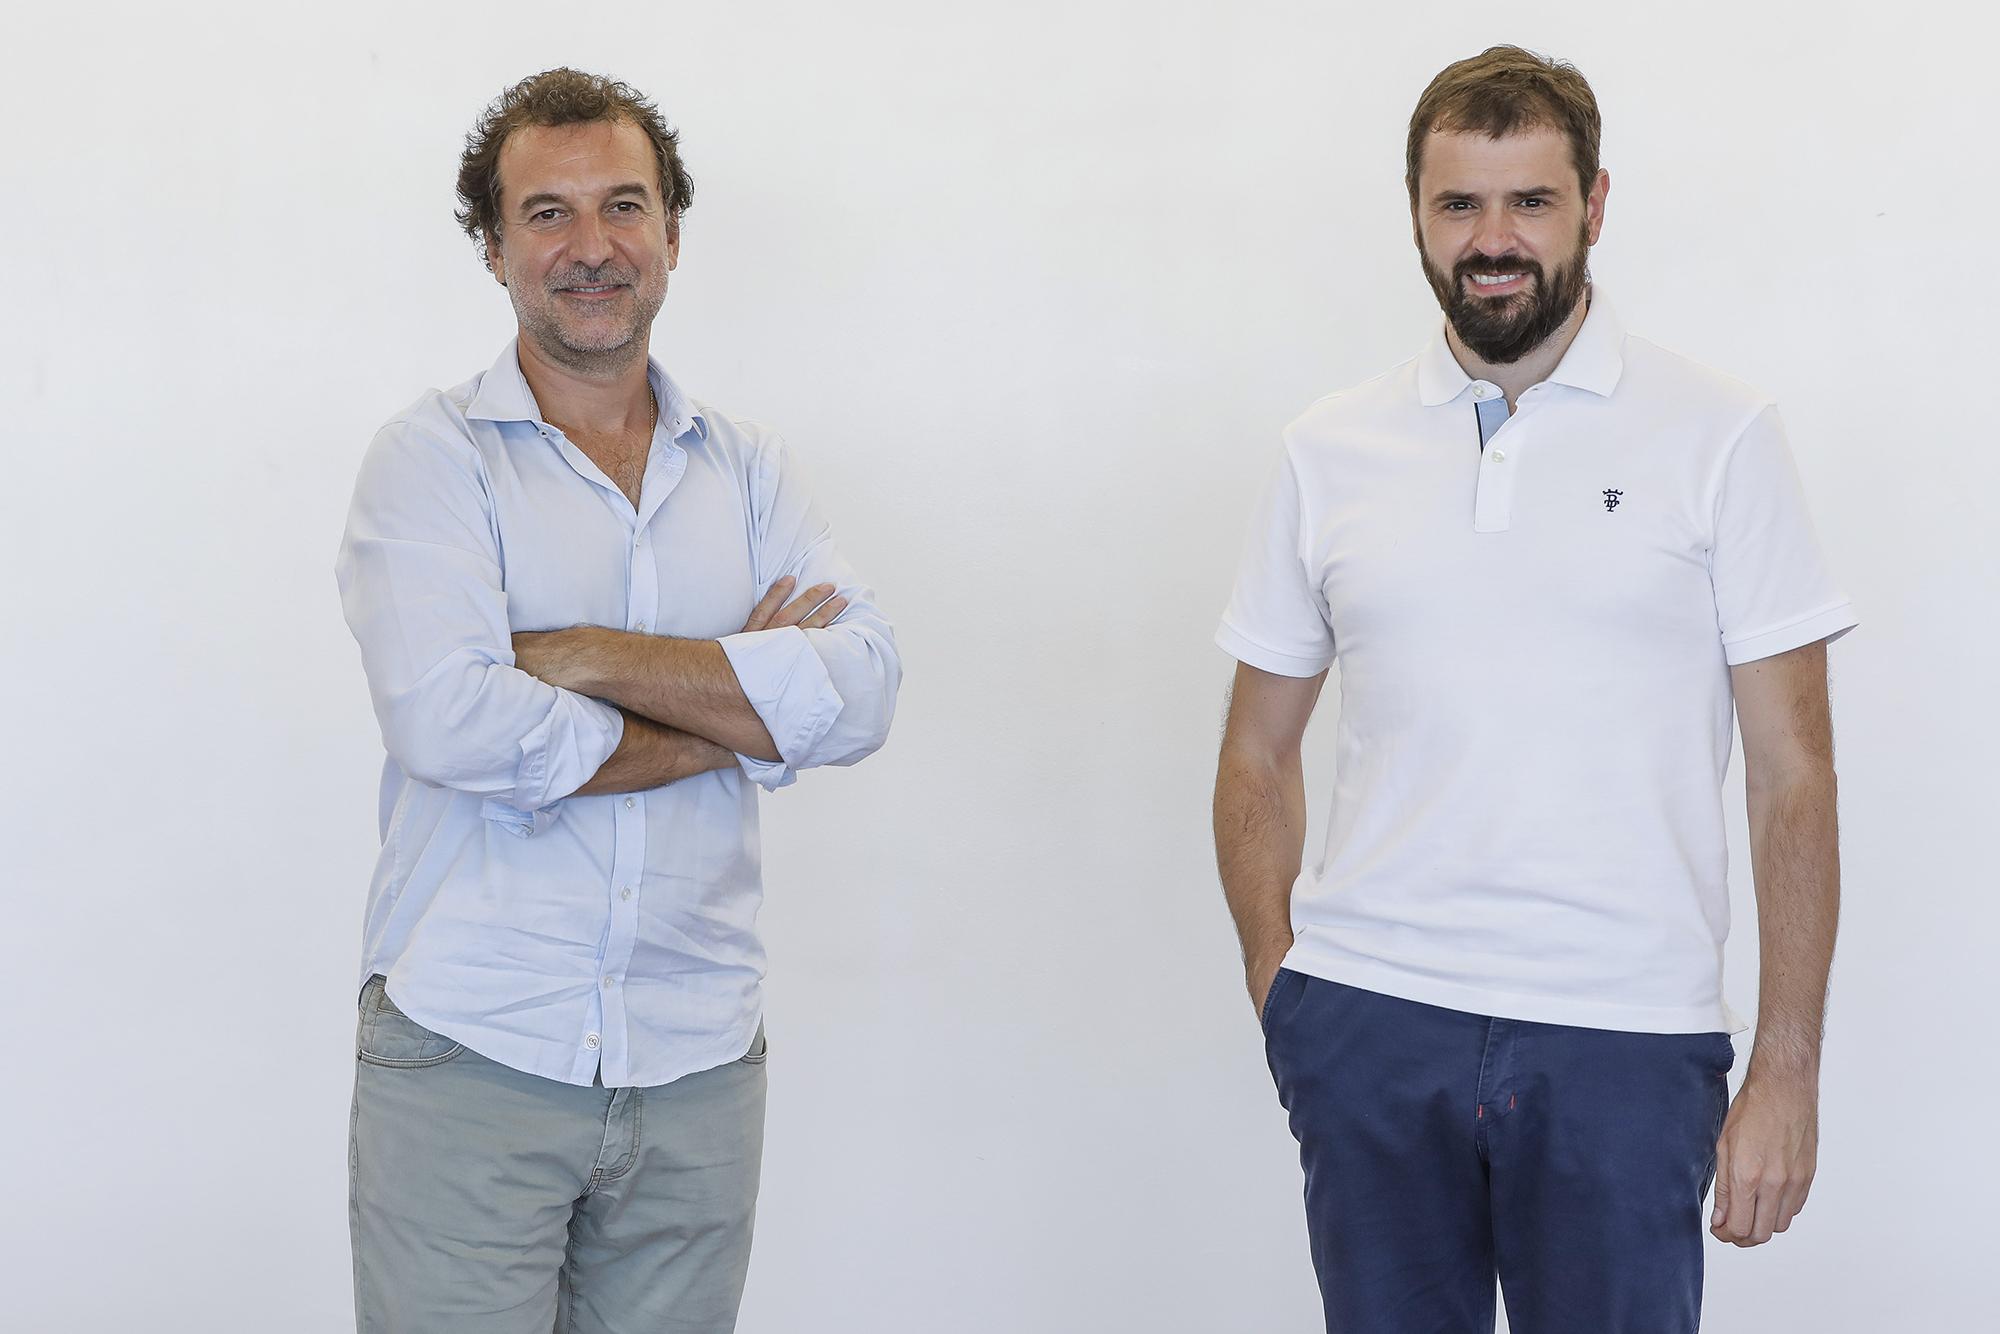 Fernando Cabello-Astolfi y Alberto Molpeceres, fundadores de la app Devengo.